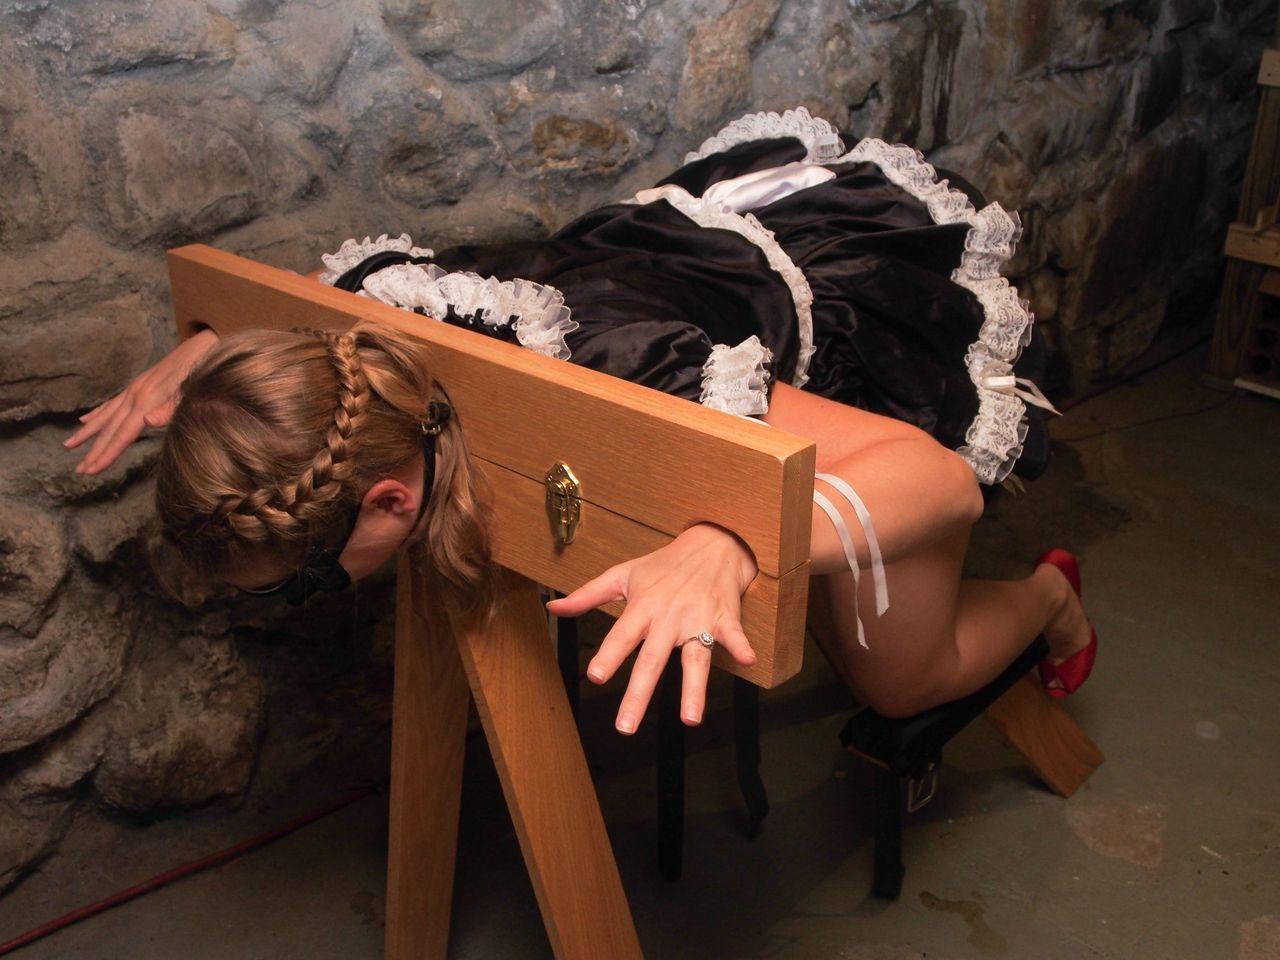 girl kept in bondage